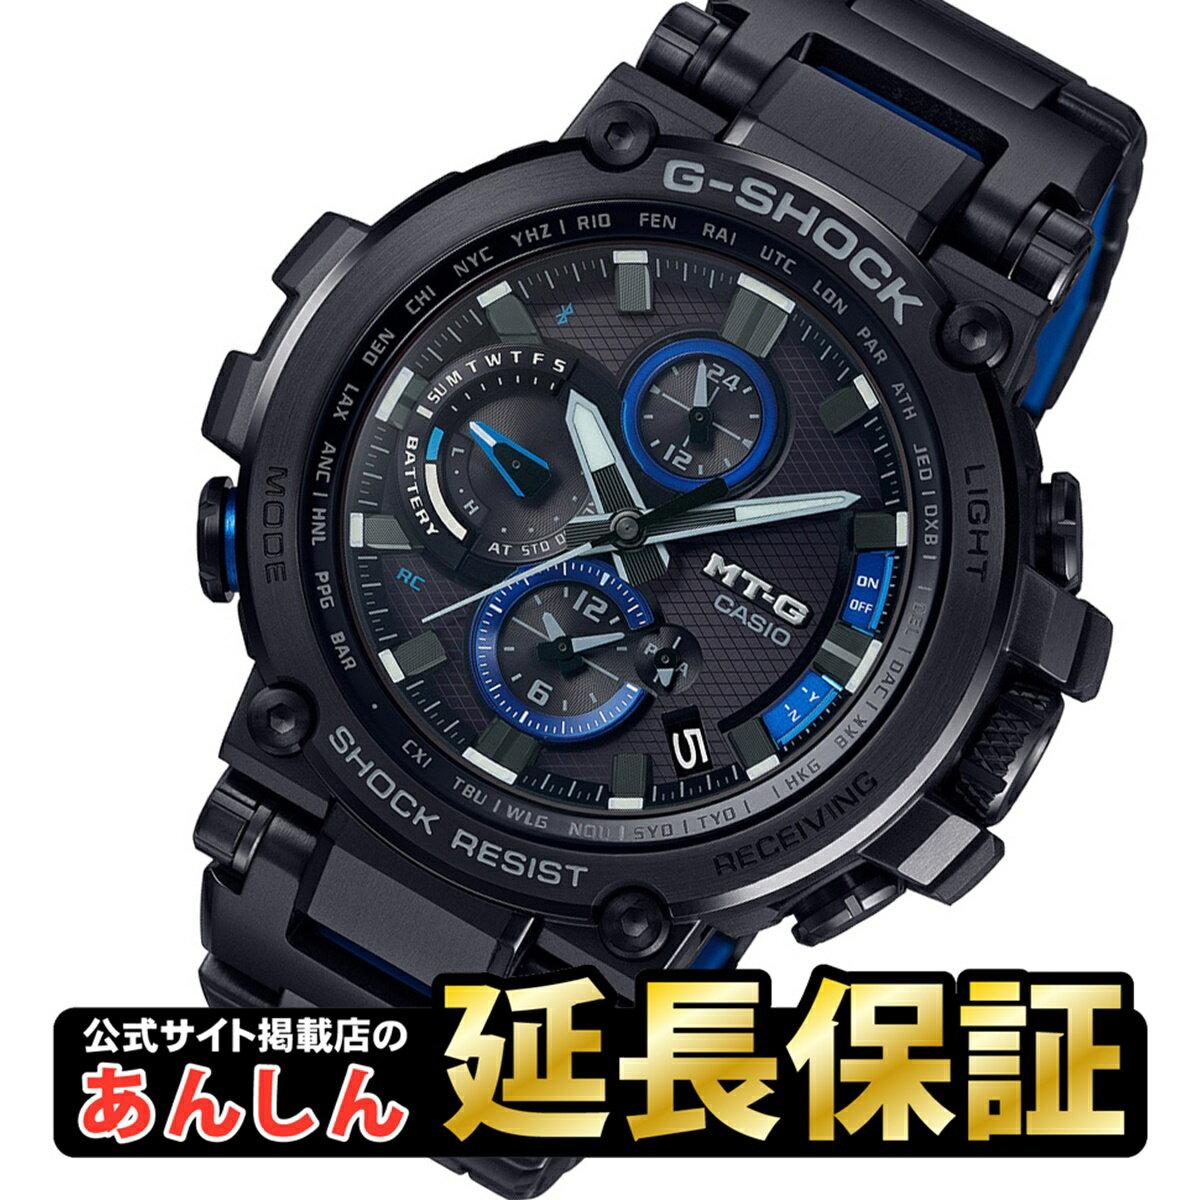 【エントリーでポイント最大9倍&クーポン!26日09:59まで】カシオ Gショック MTG-B1000BD-1AJF スマートフォンリンクモデル ソーラー 電波時計 腕時計 メンズ クロノグラフ 高輝度LEDライト搭載 CASIO G-SHOCK MT-G【1018】_10spl